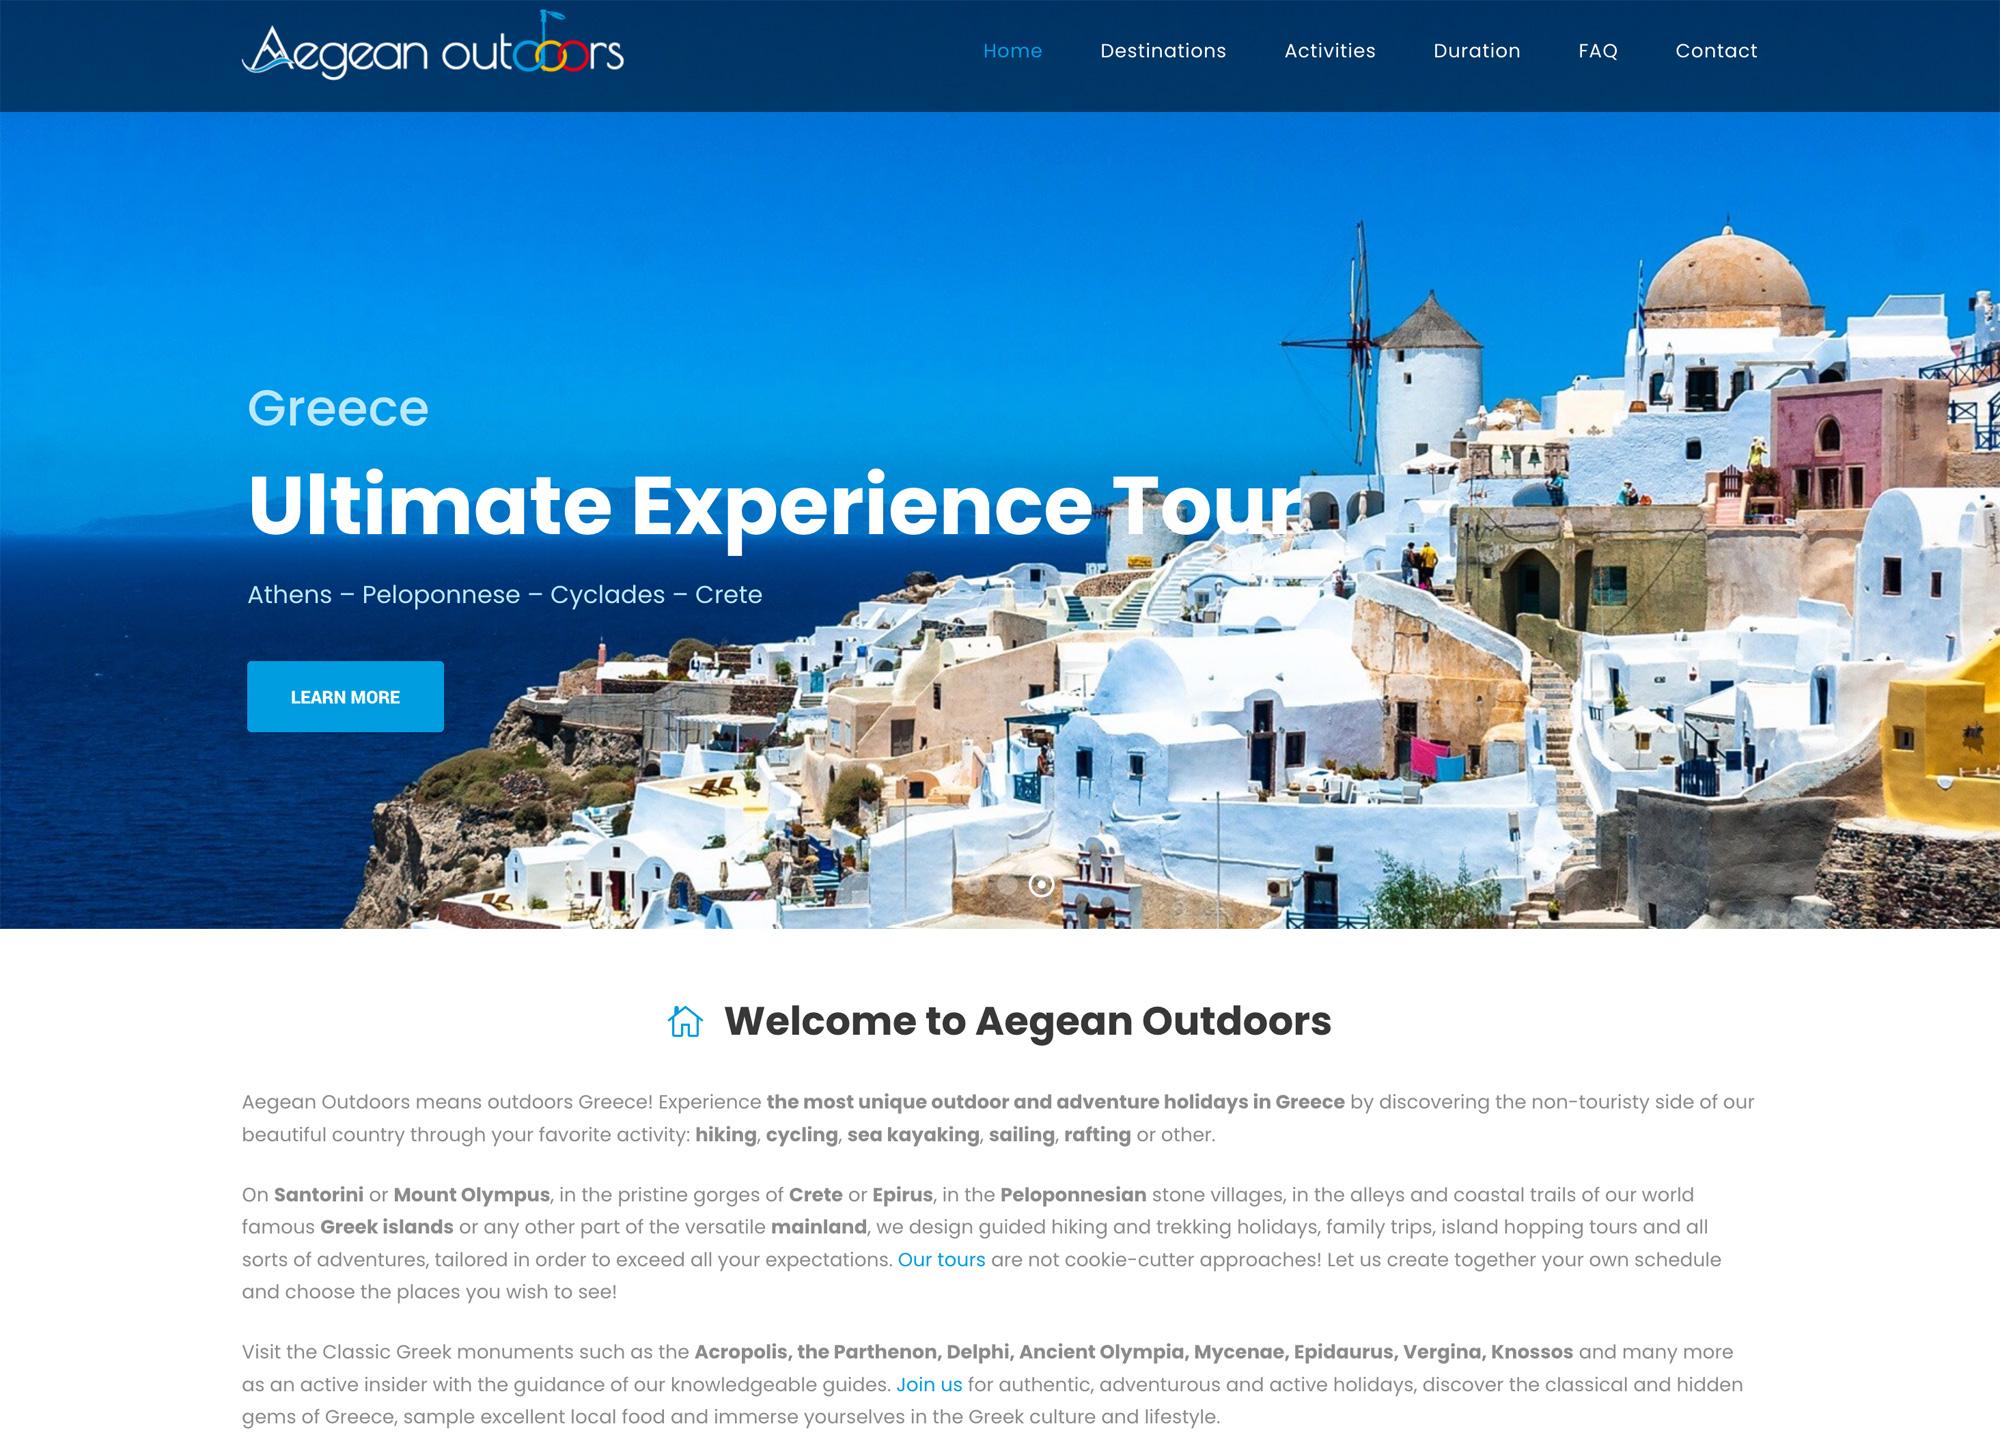 Aegean Outdoors website design